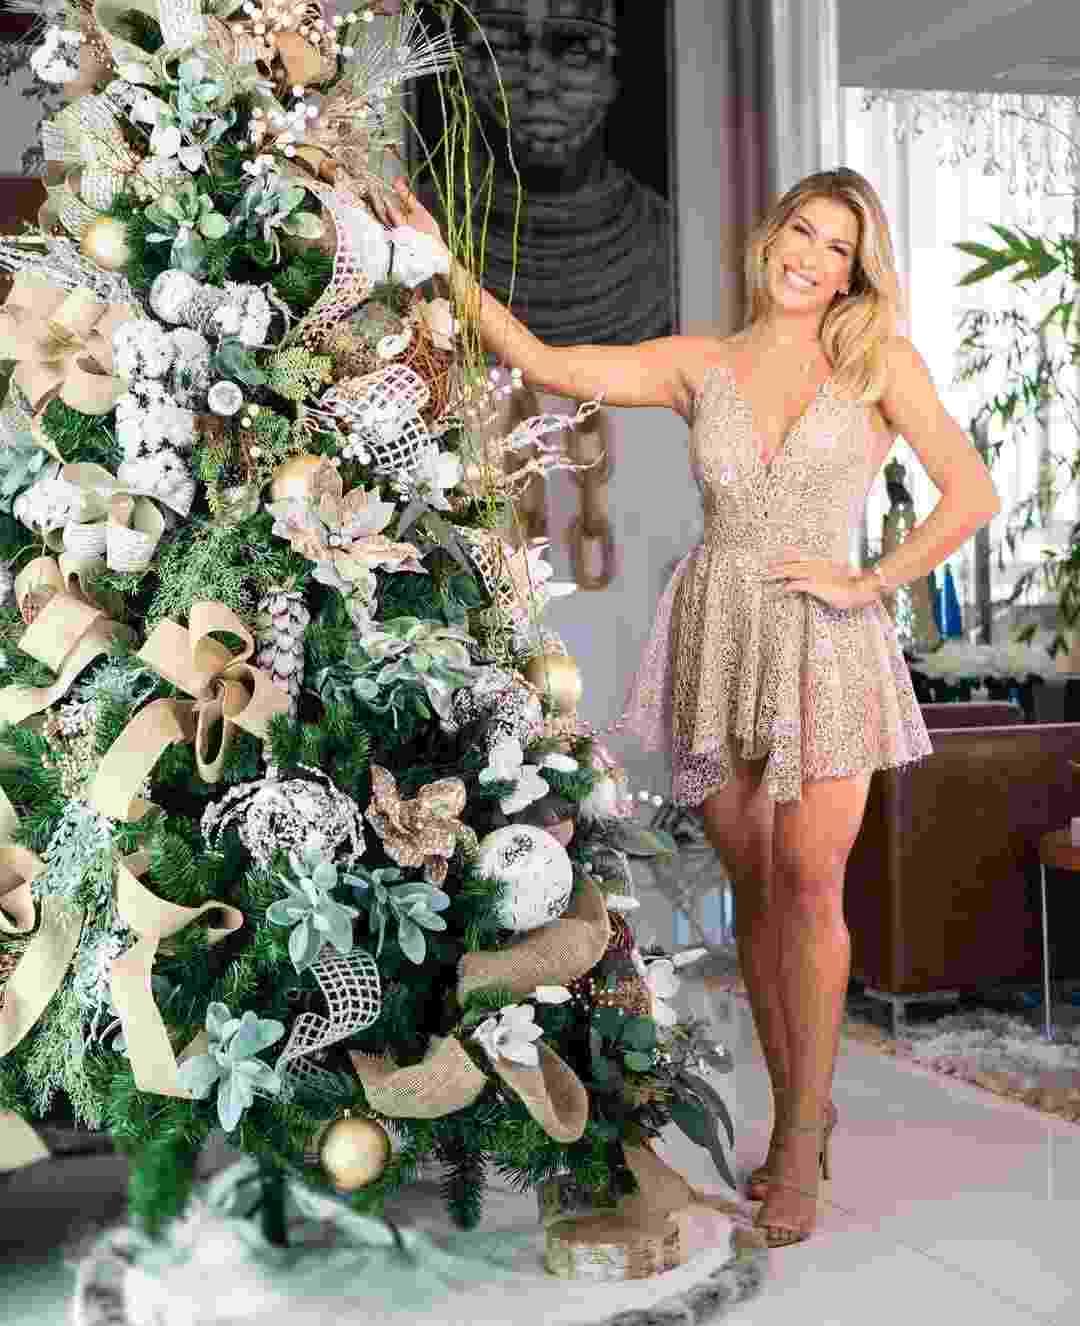 Lore Improta mostra sua árvore da Natal - Reprodução/Instagram